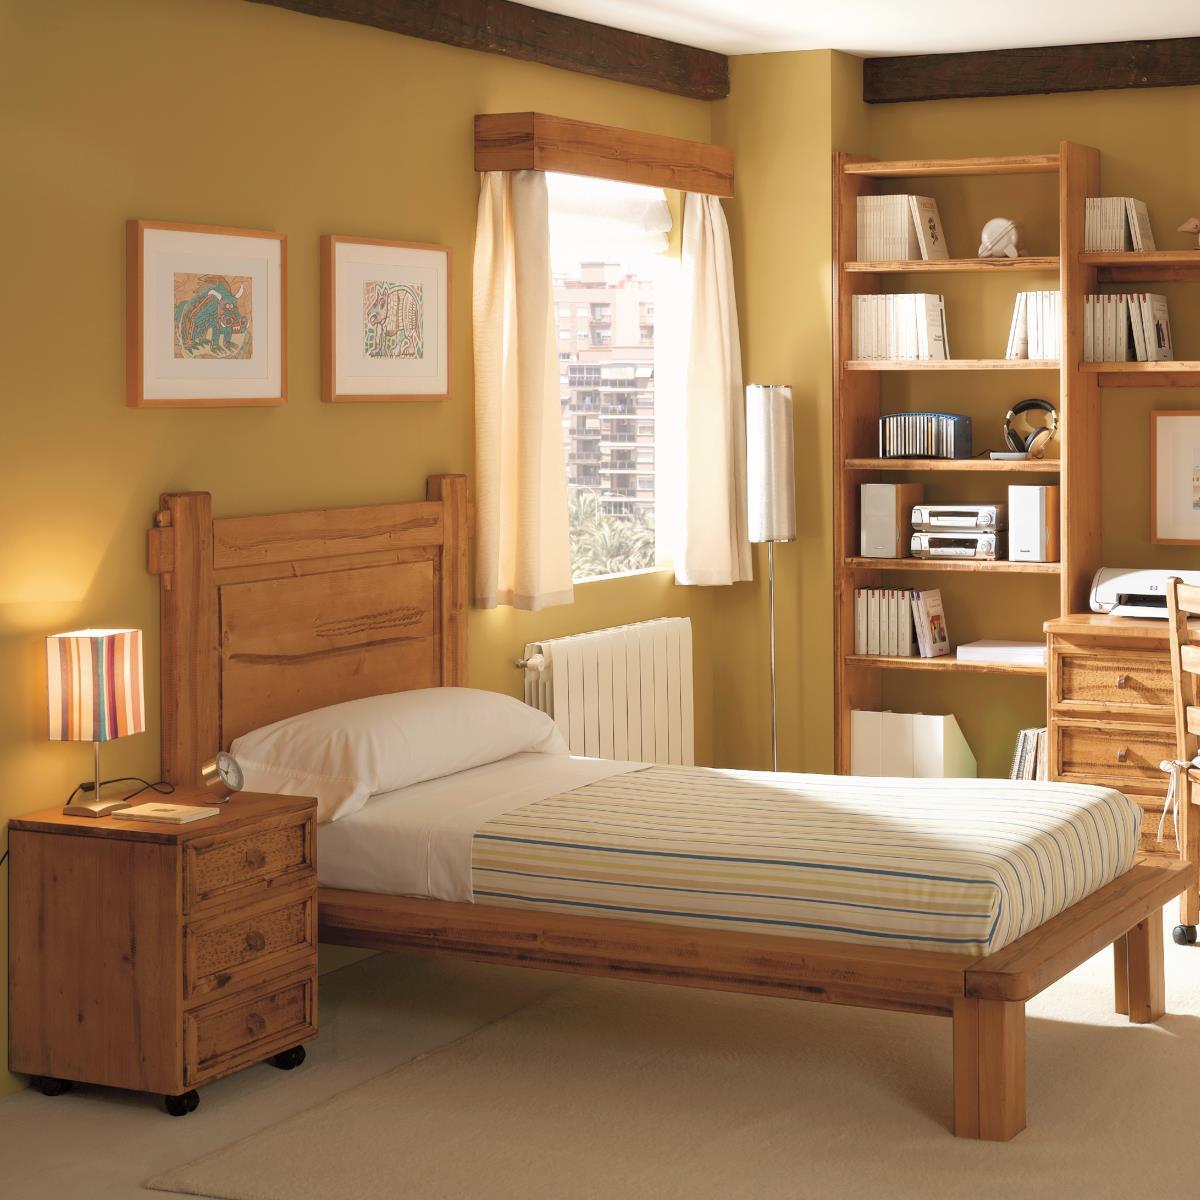 Cama rústica THICK de madera. Ecorústico: venta de muebles